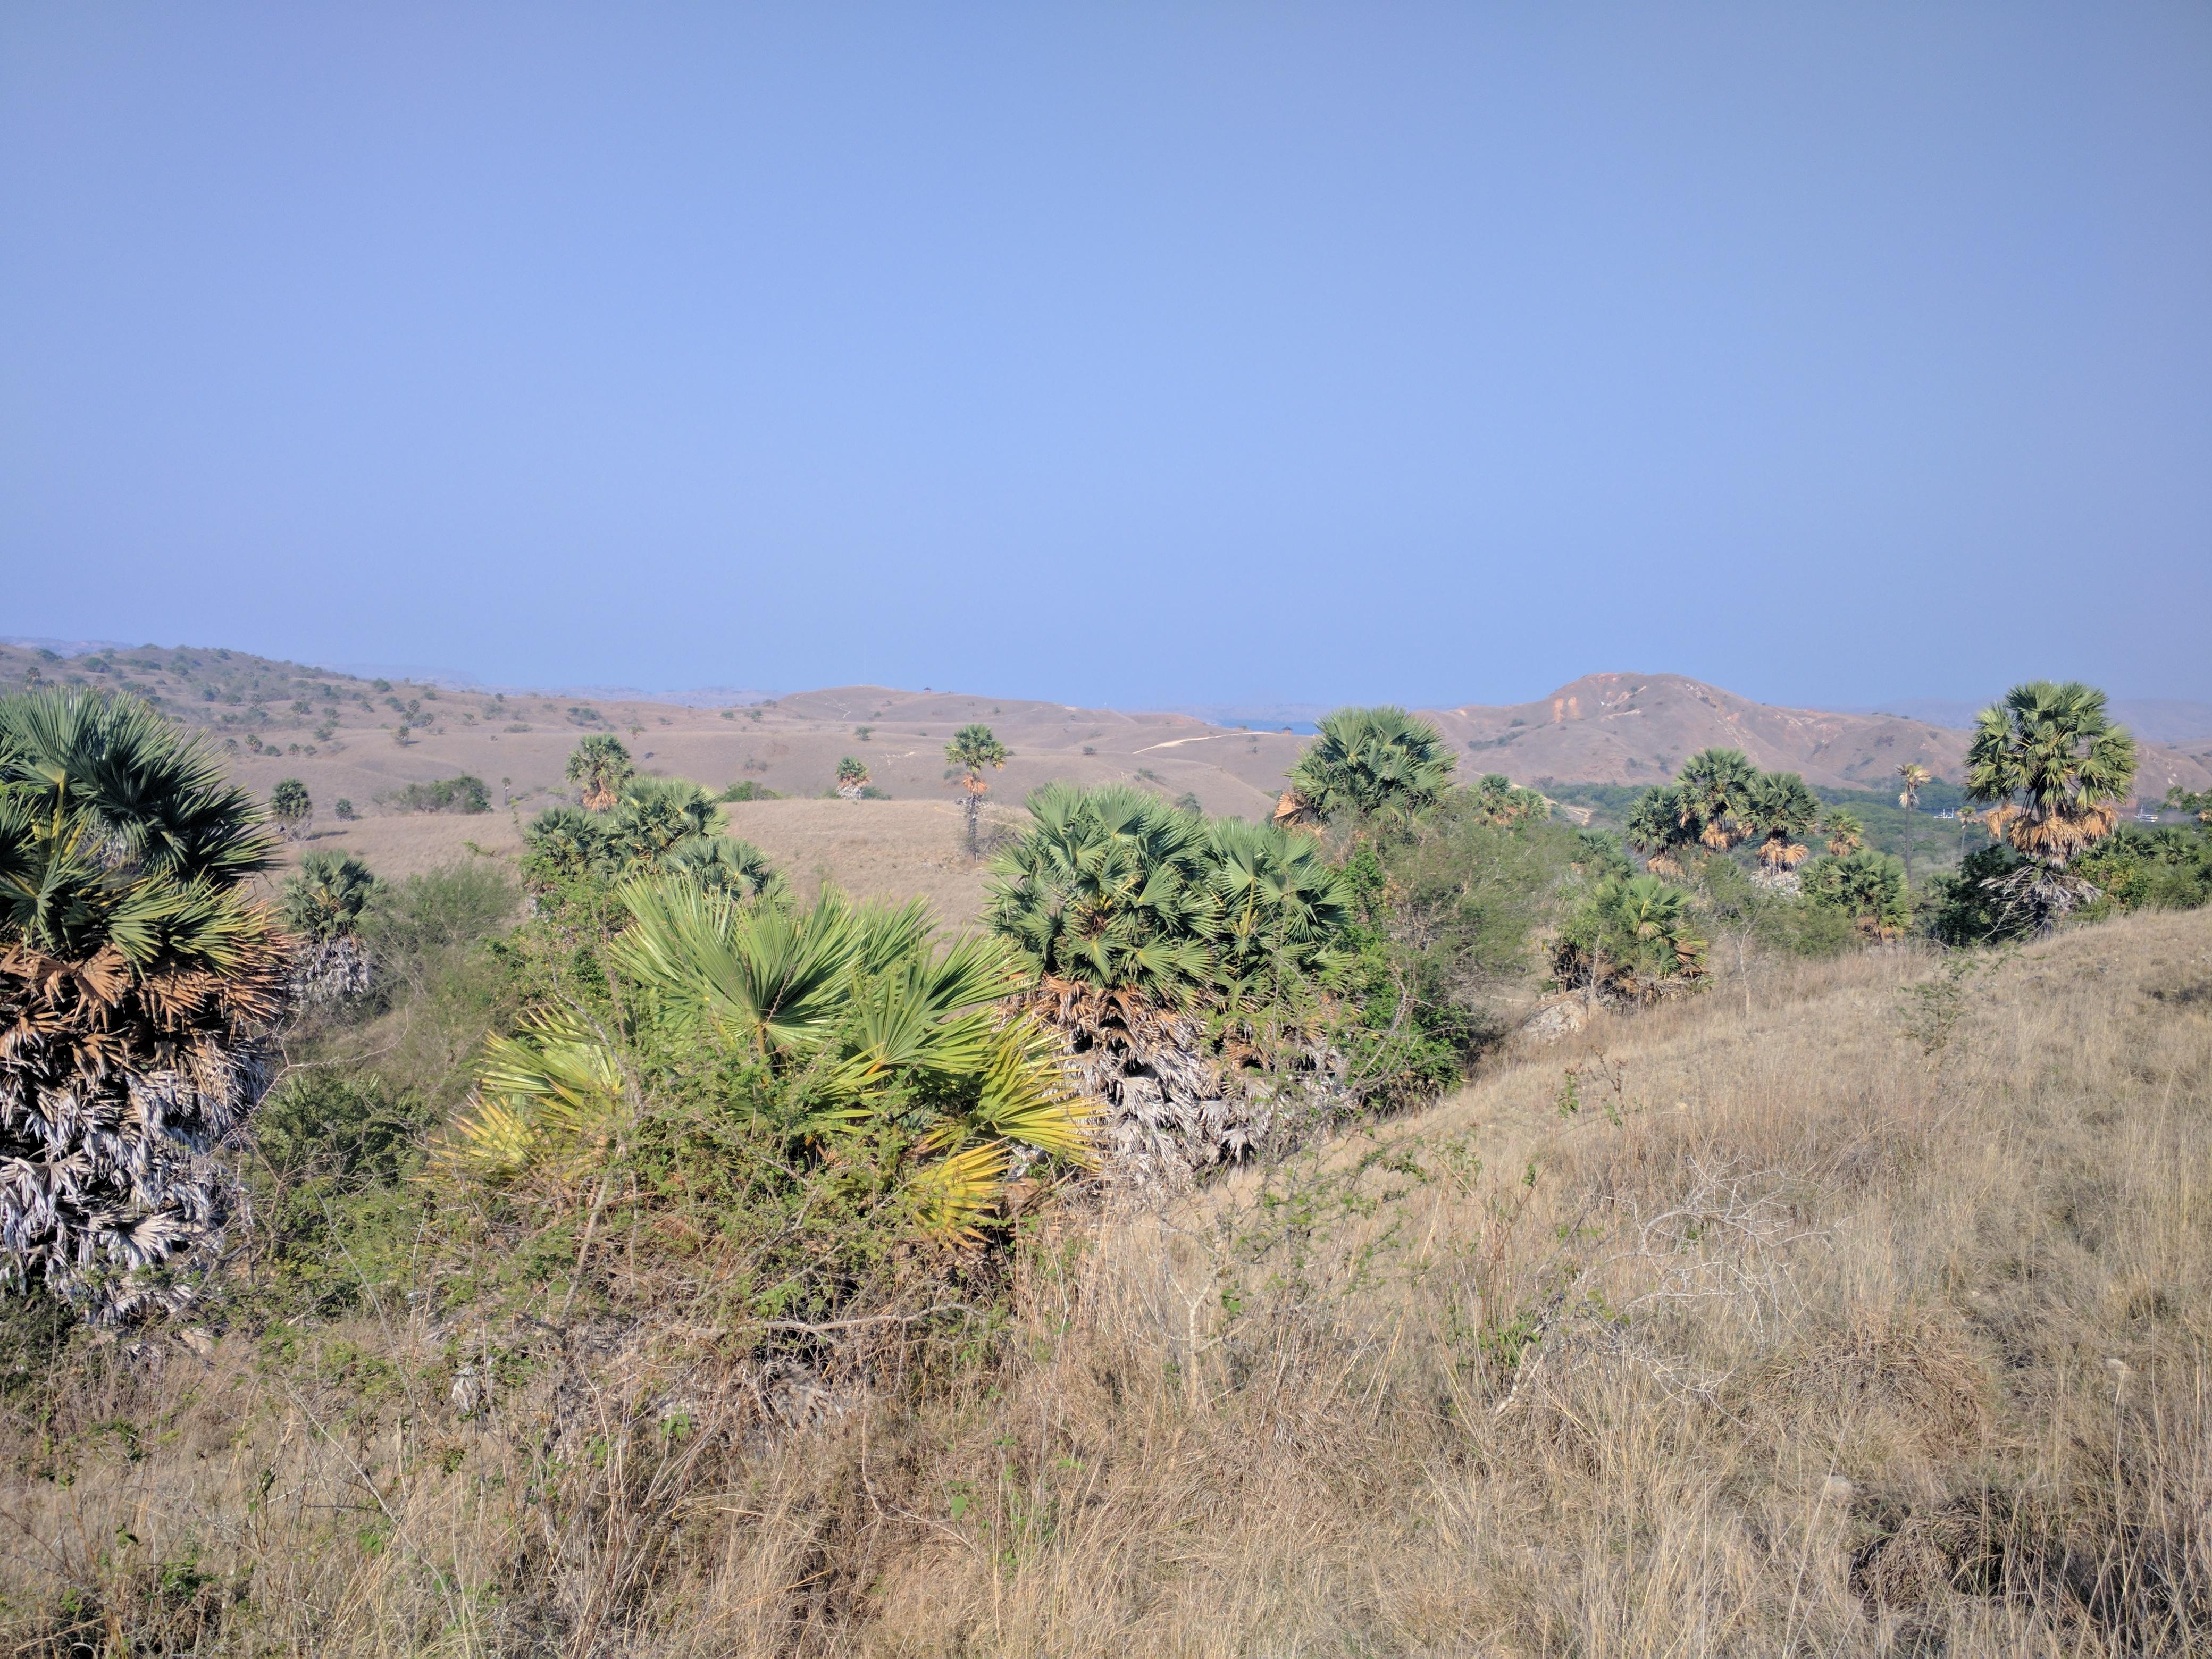 More vista